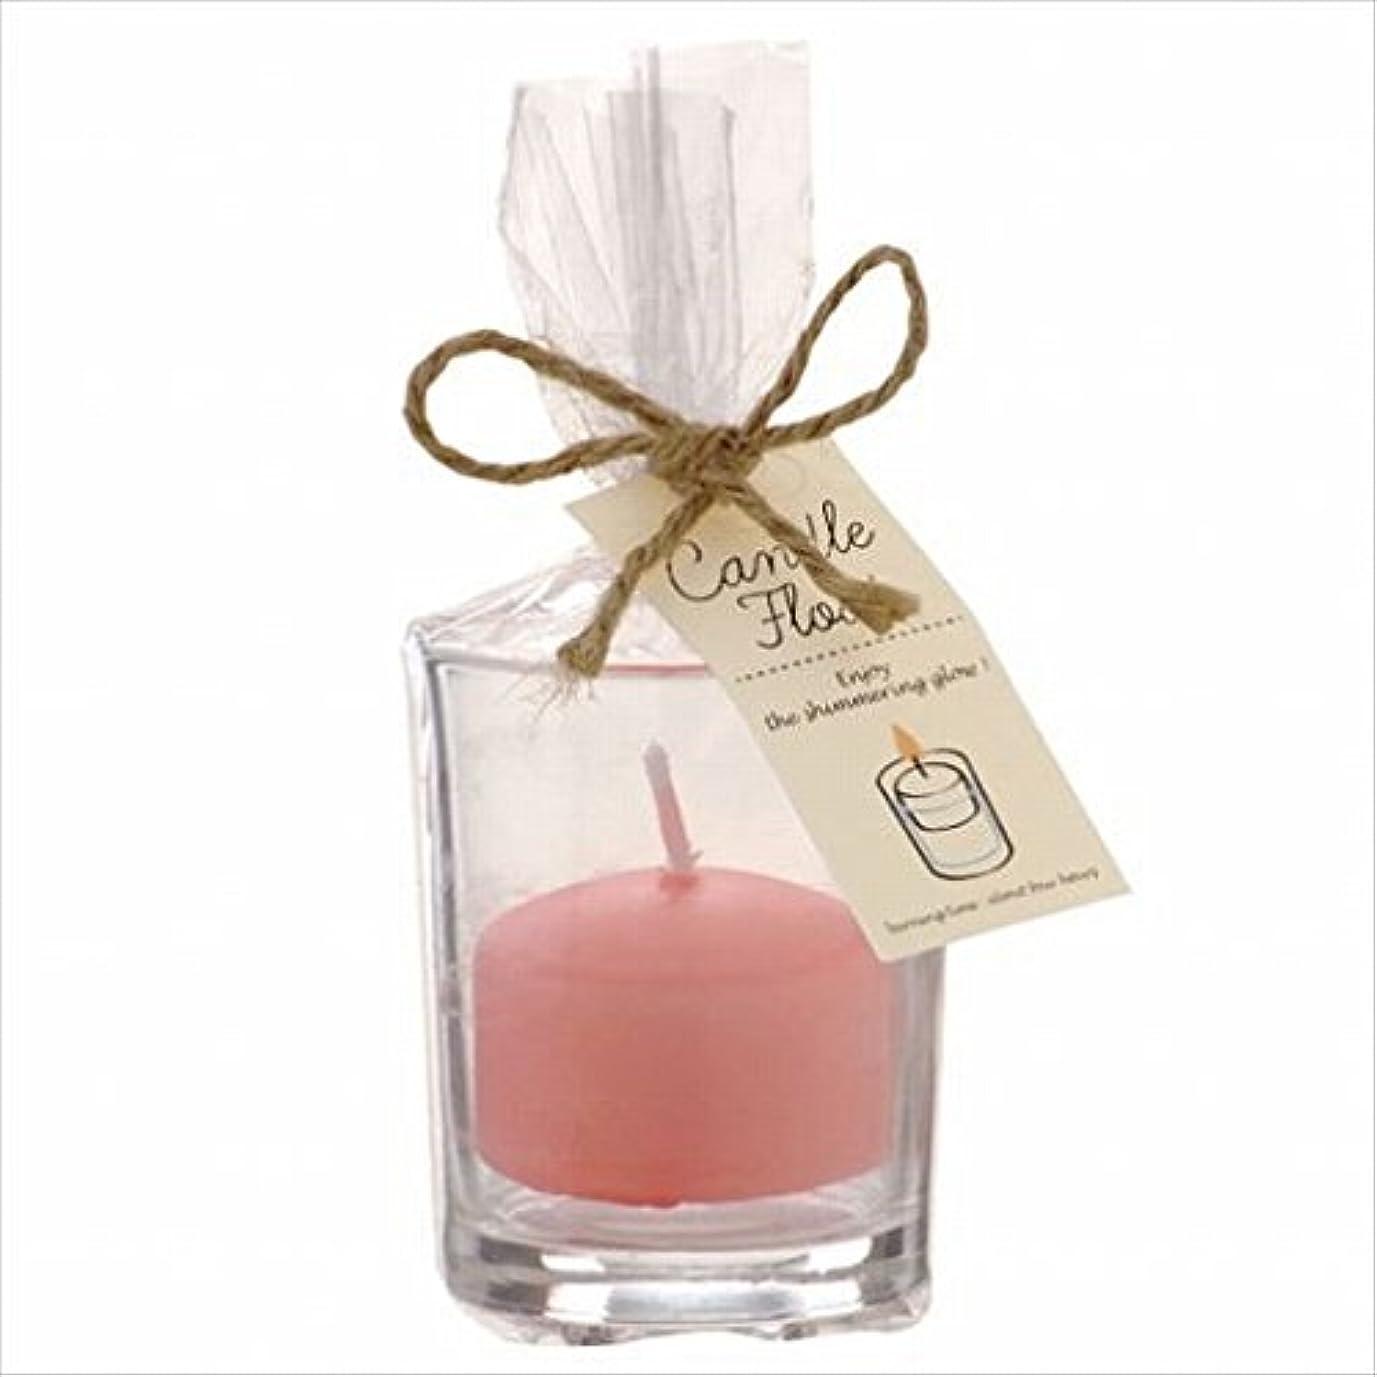 シソーラスクレーター降伏カメヤマキャンドル(kameyama candle) キャンドルフロート 「 ピーチアンバ 」